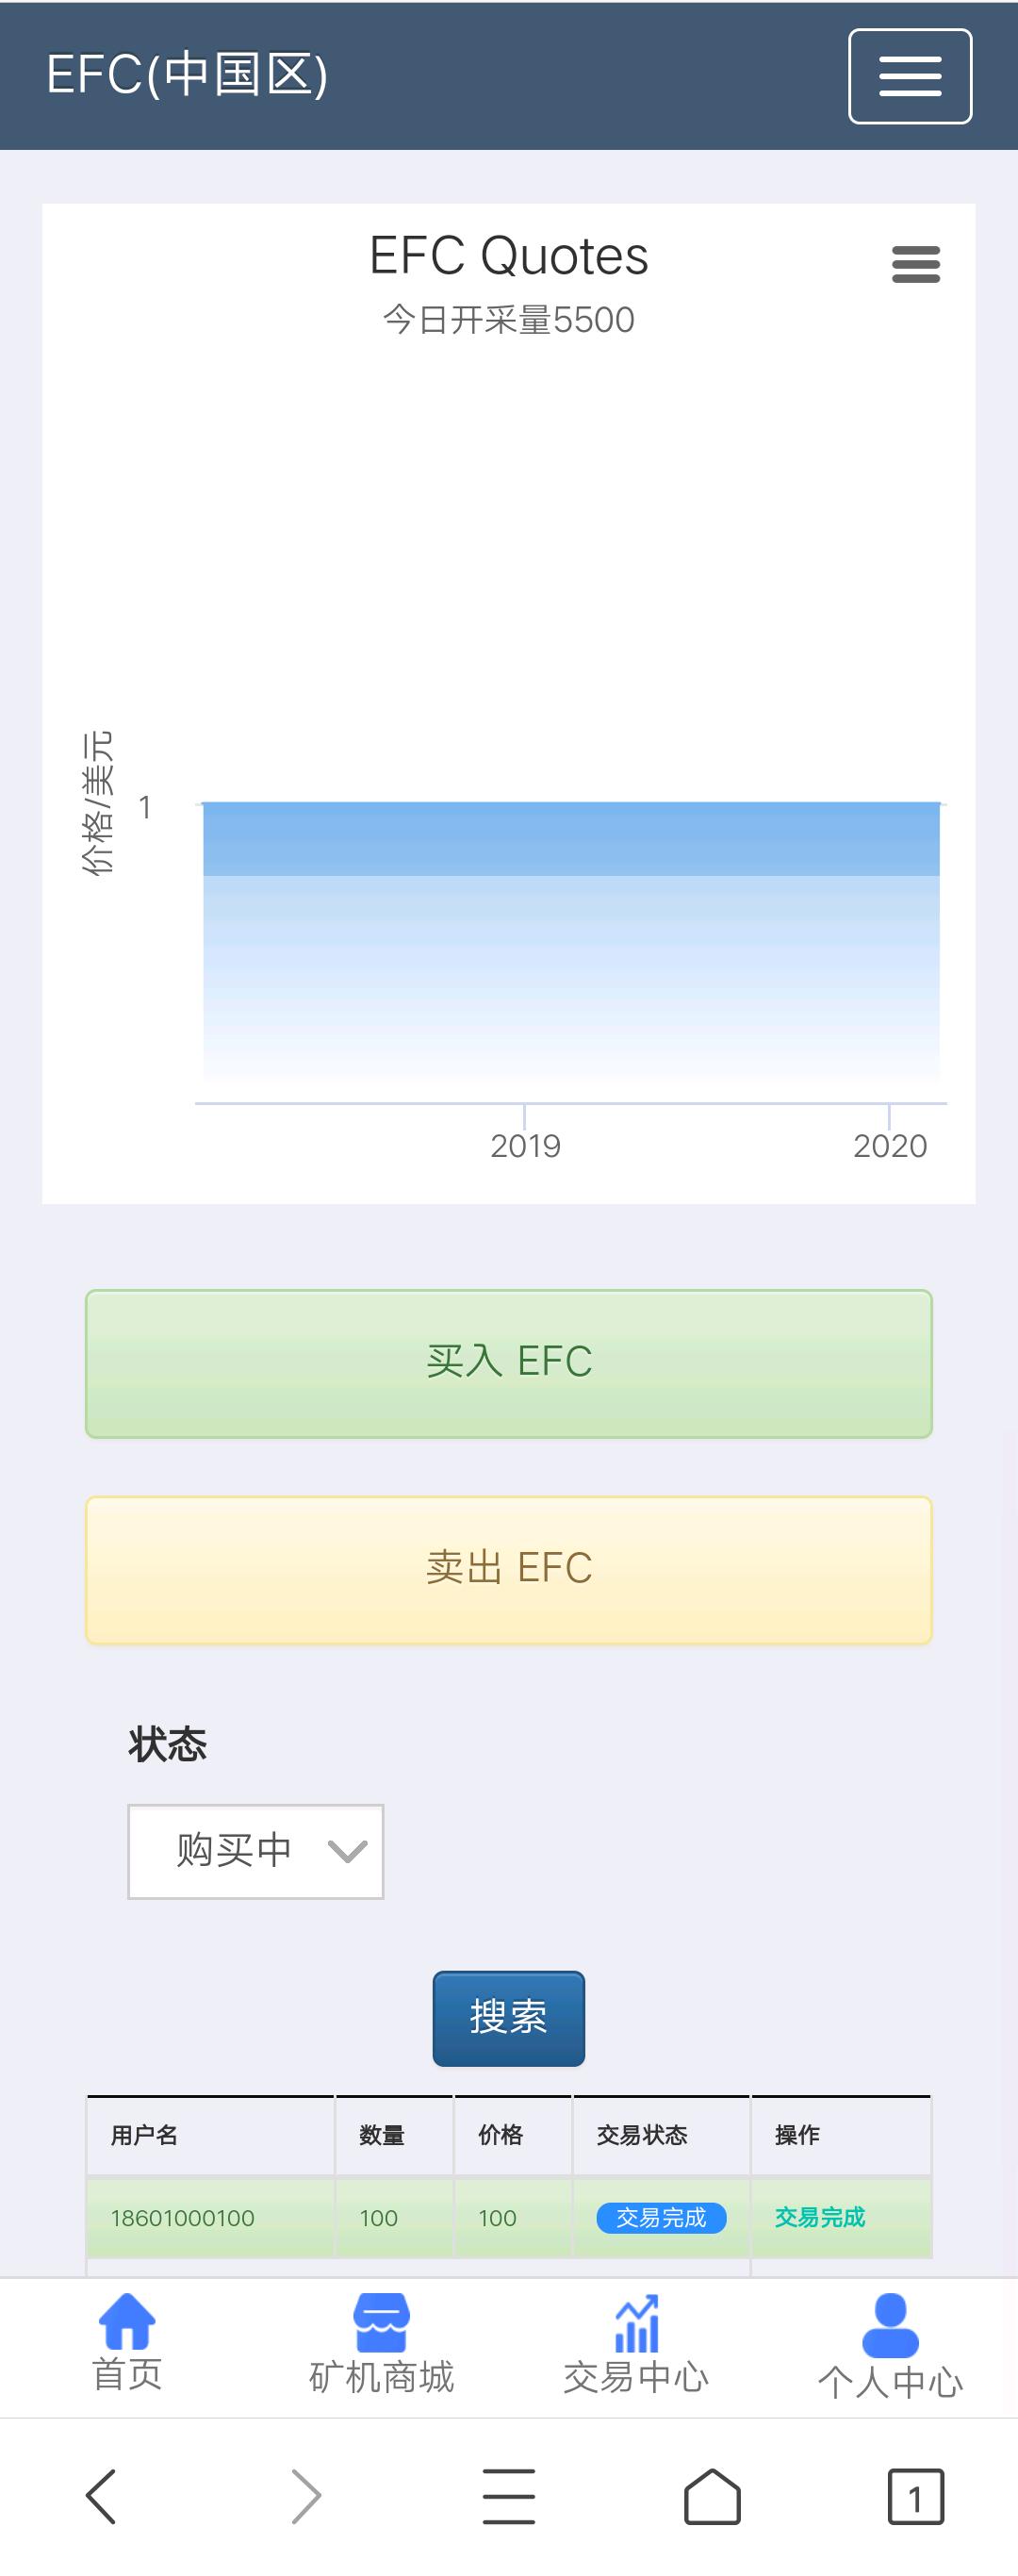 云矿机新版GEC虚拟币区块链挖矿/挖矿系统带分销/带K线